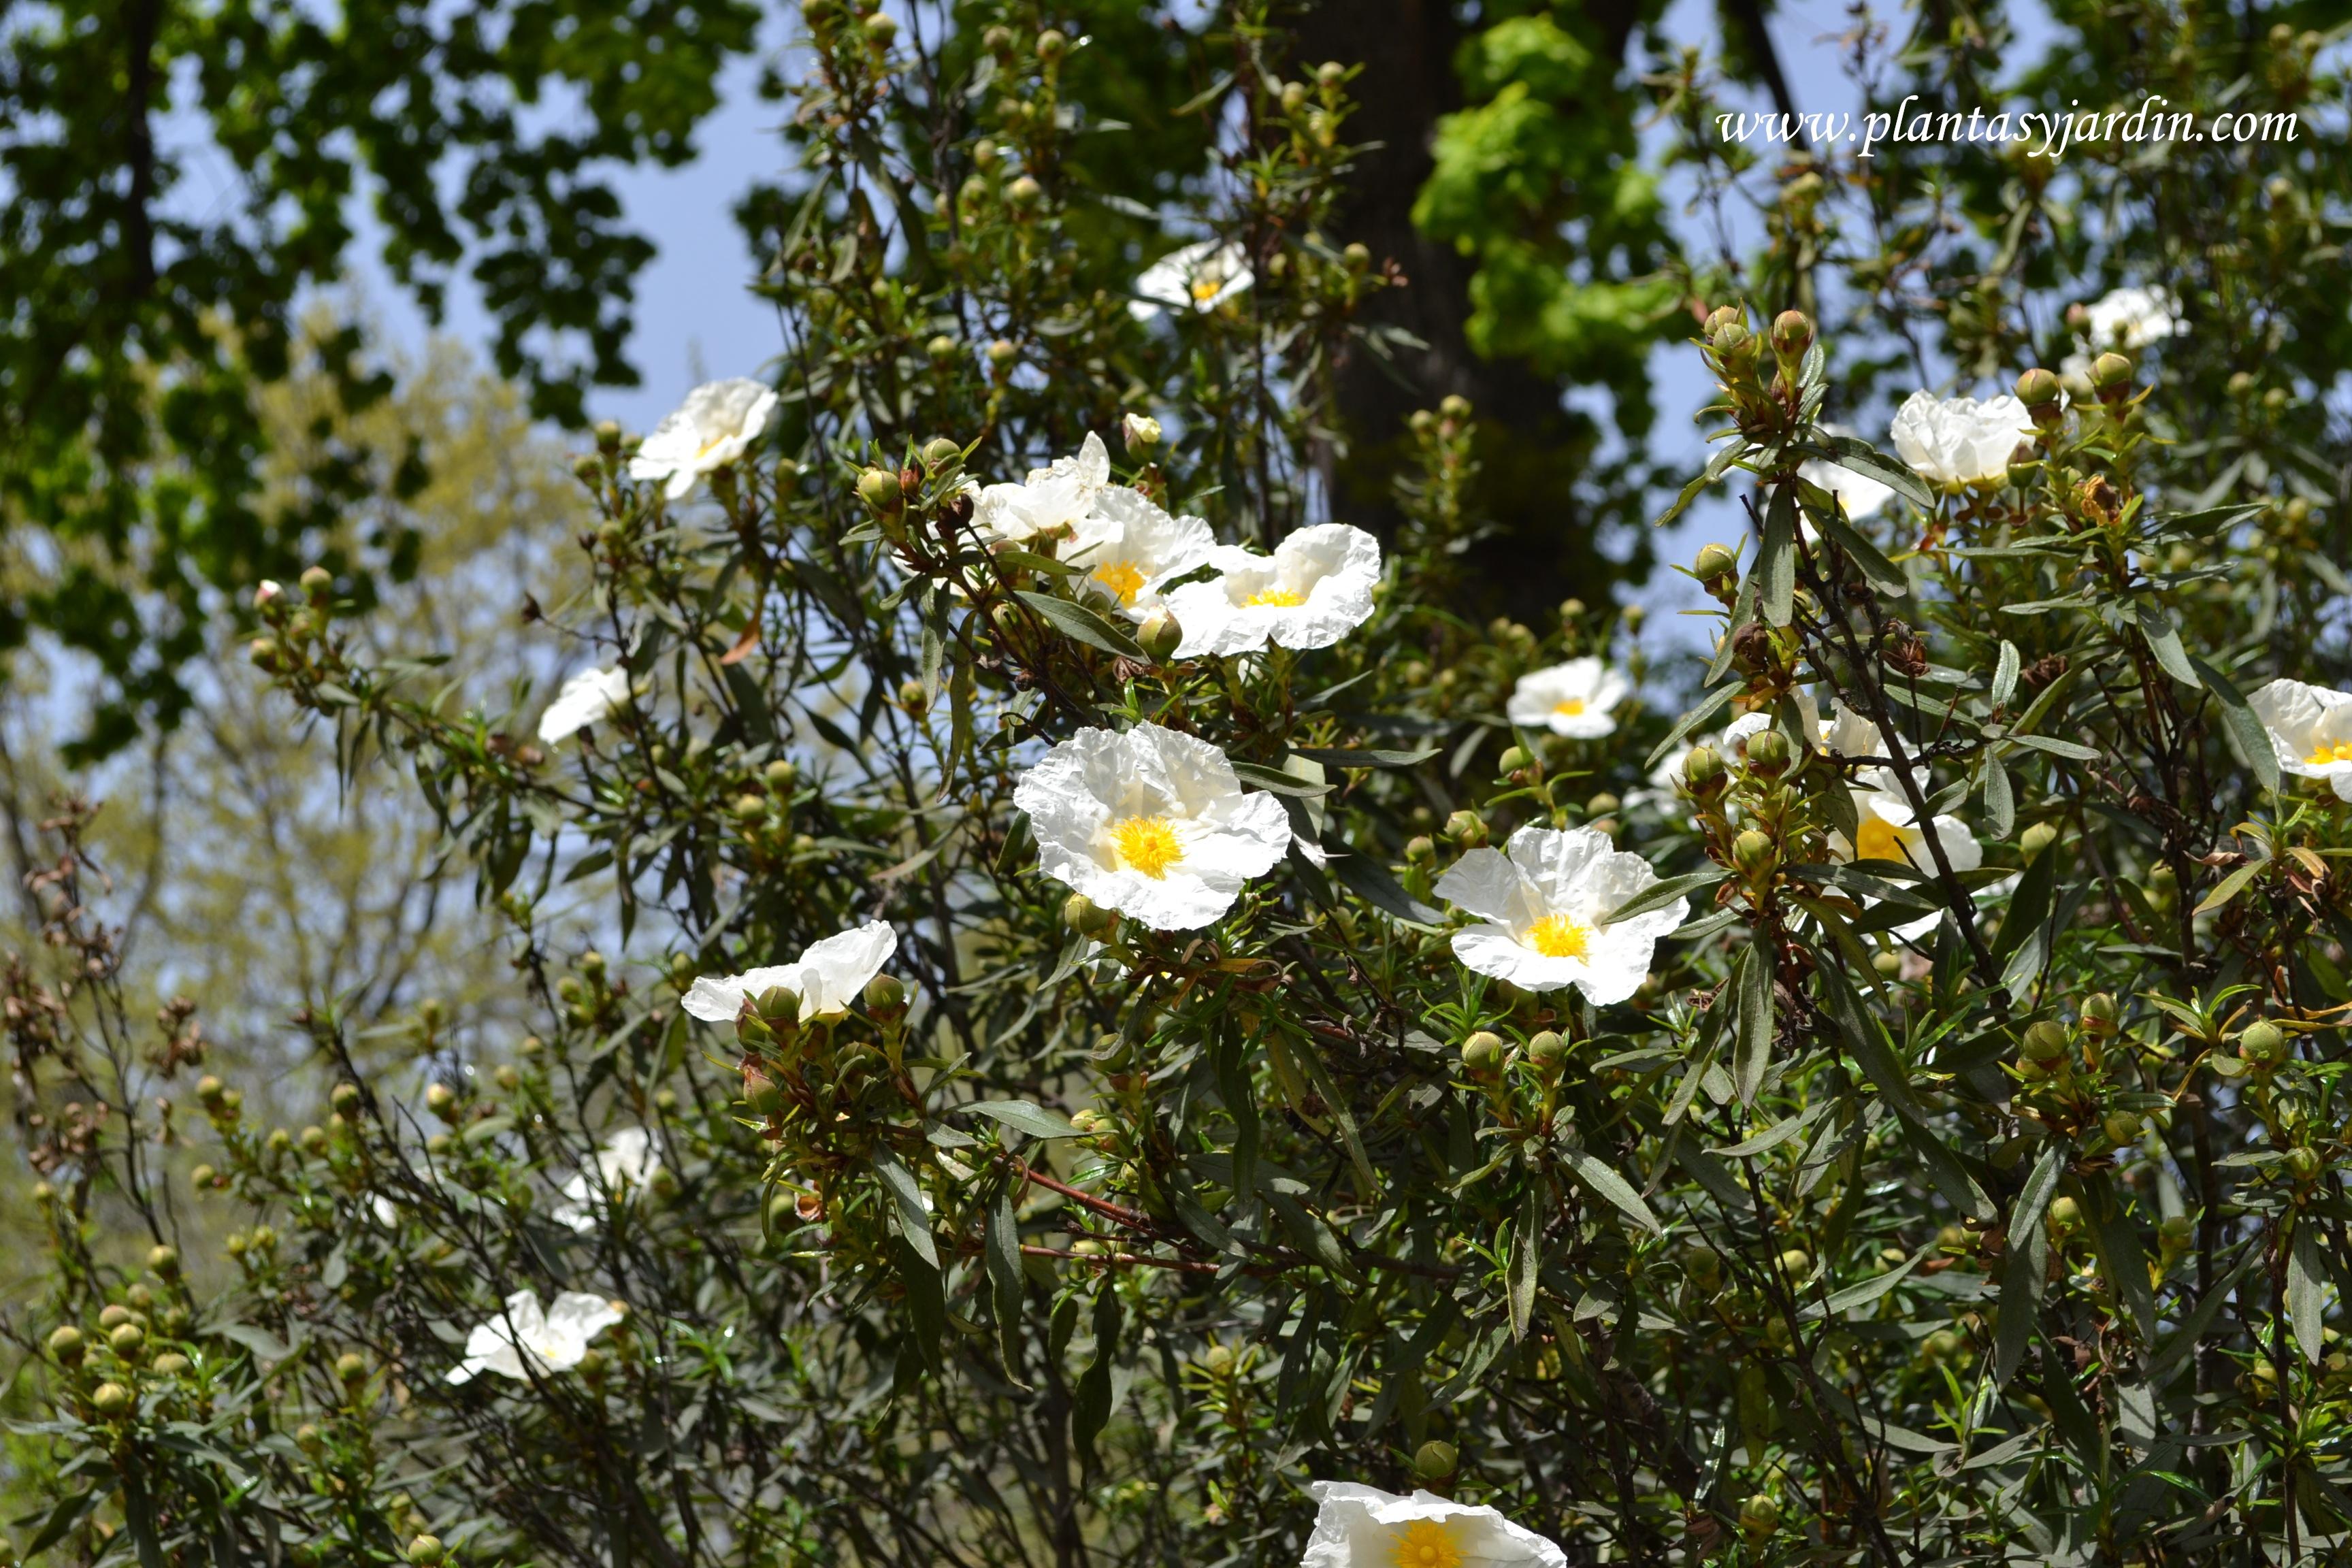 Cistus ladanifer-Jara, detalle floración, a comienzos de primavera